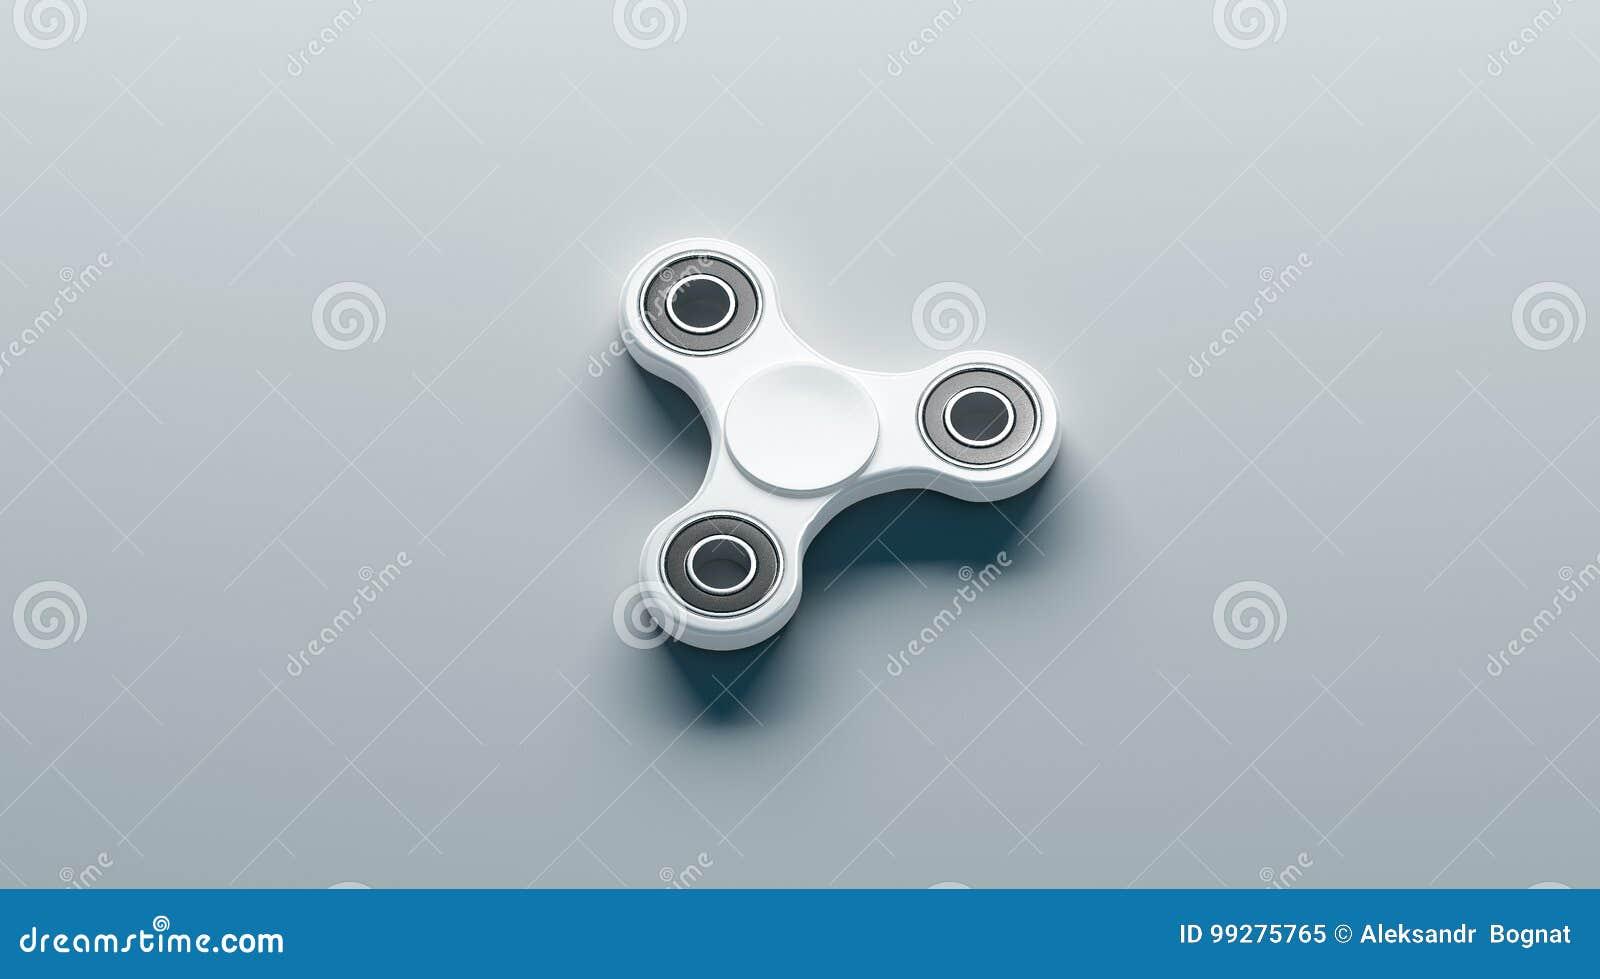 Blank White Fidget Spinner Mock Up, Side View Stock Illustration